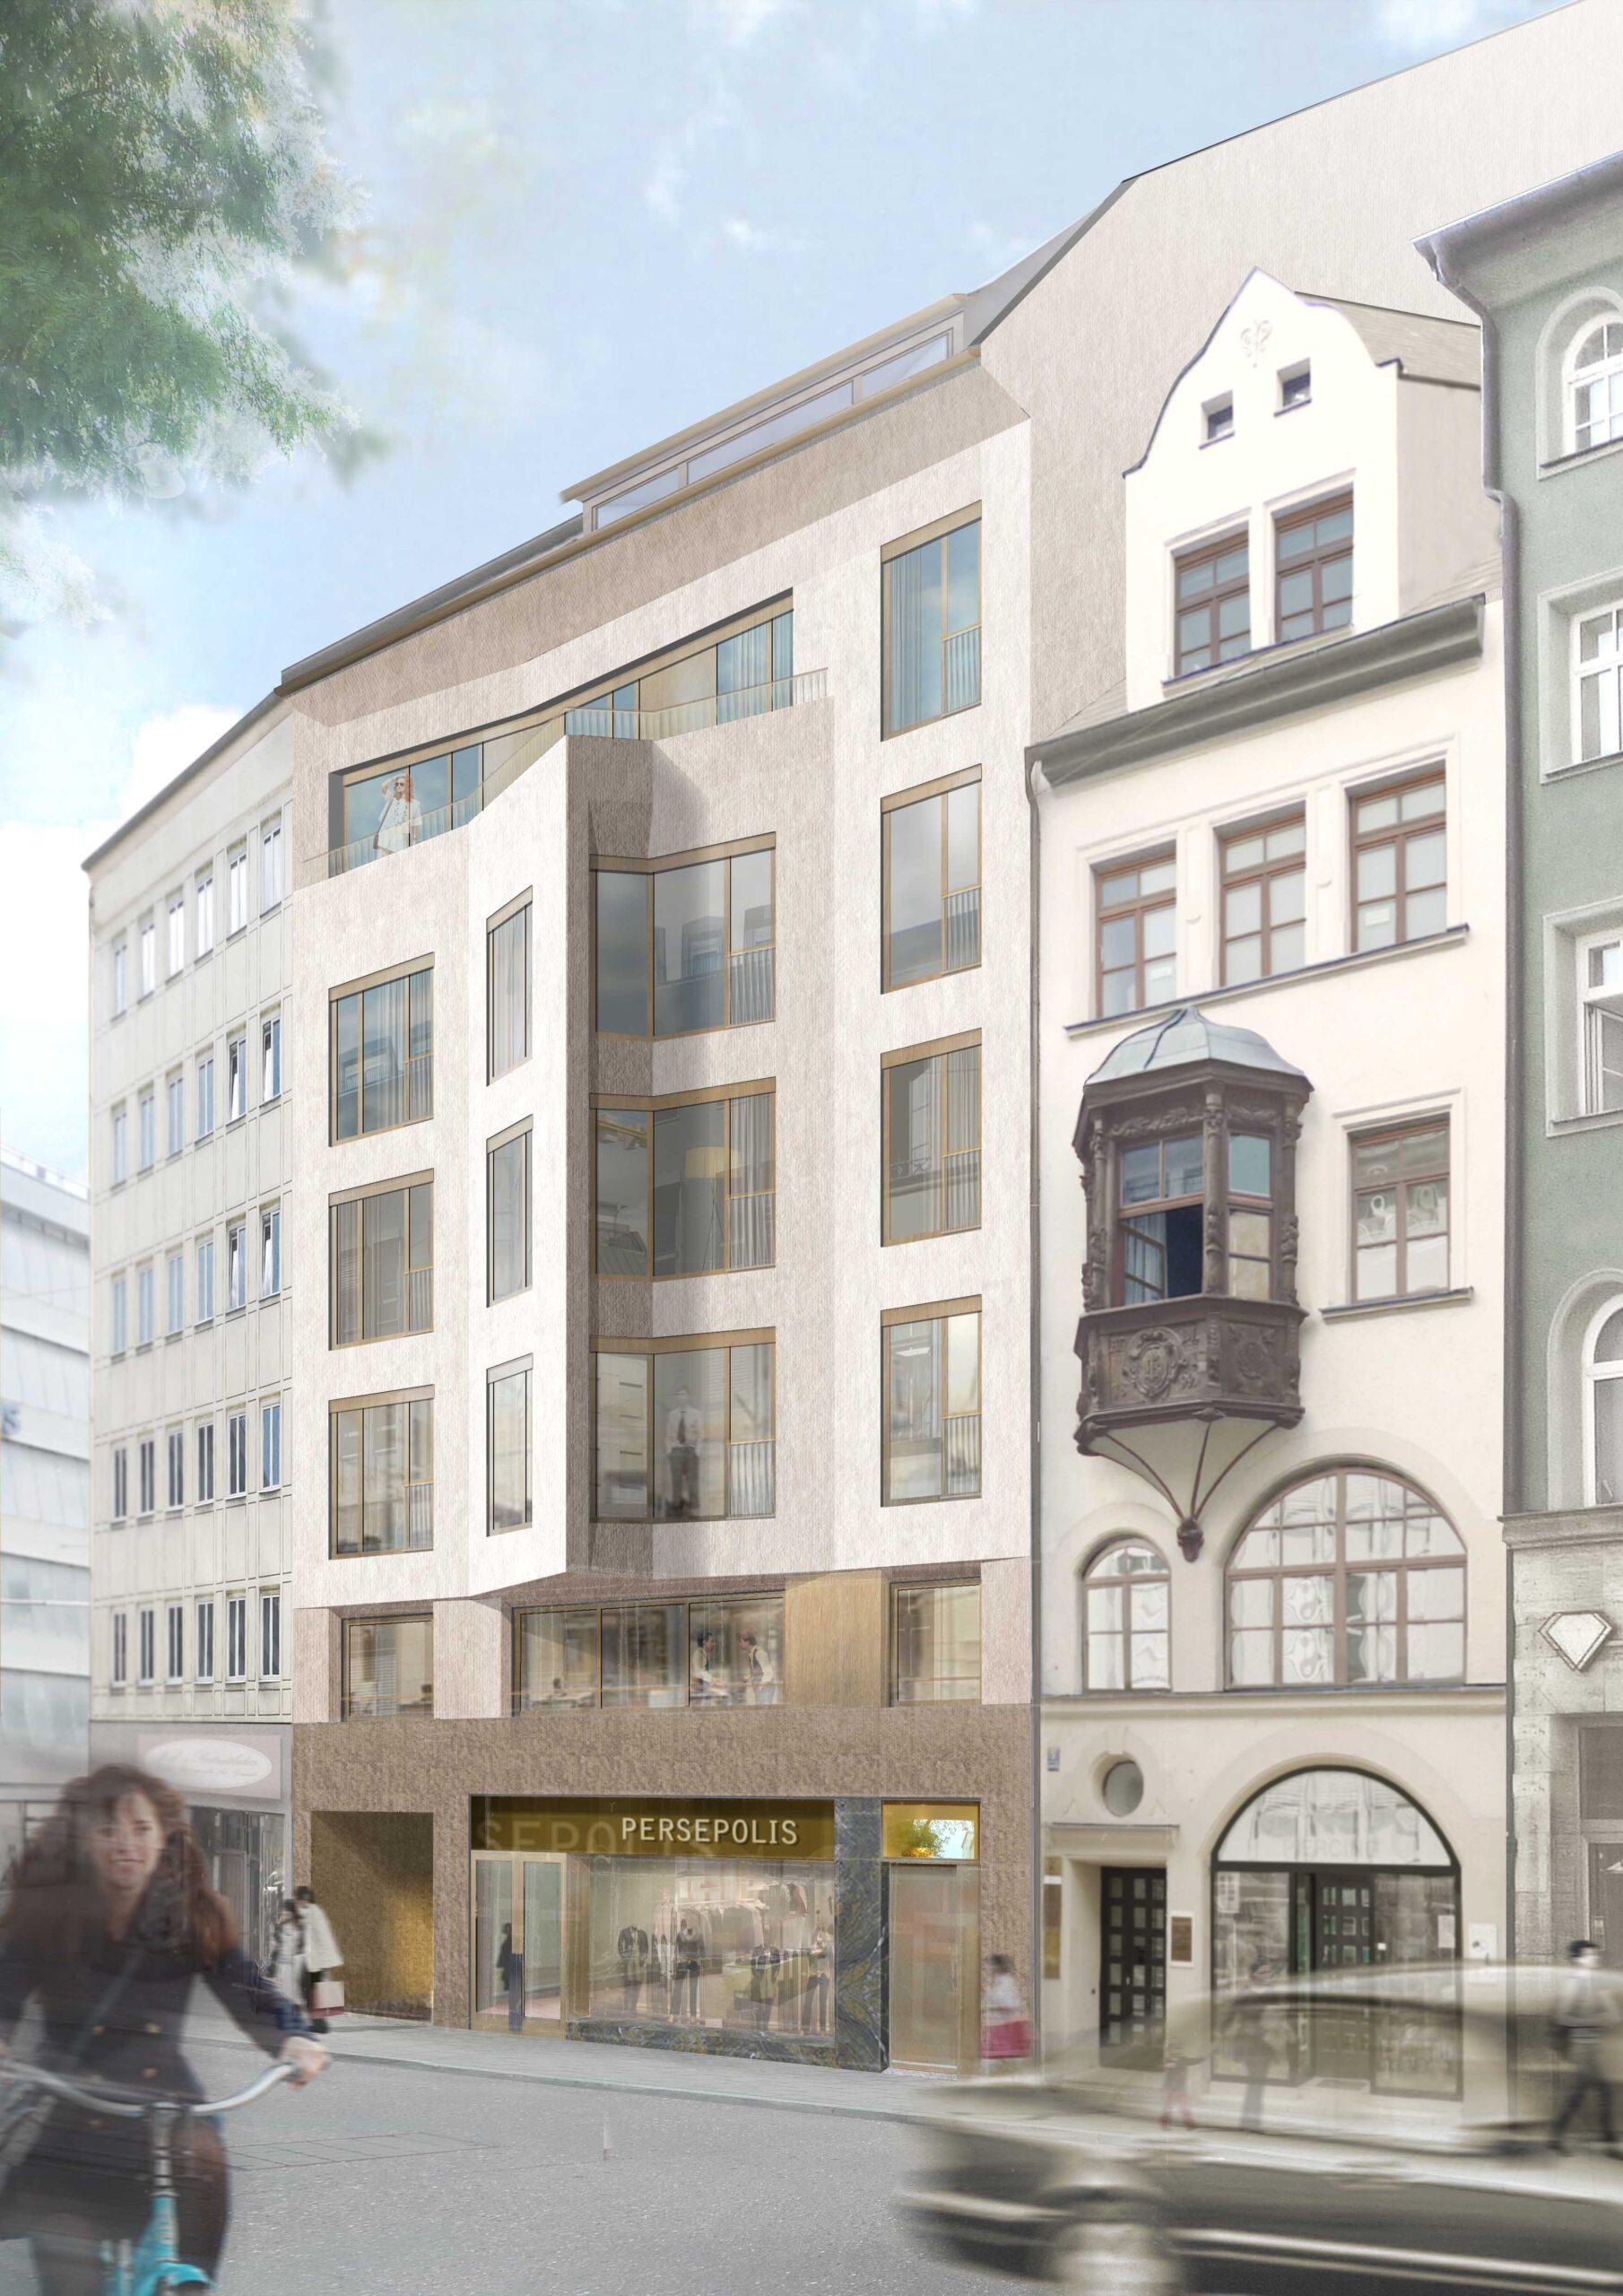 Altheimer Eck München dreisterneplus Meili Peter Wohnhaus